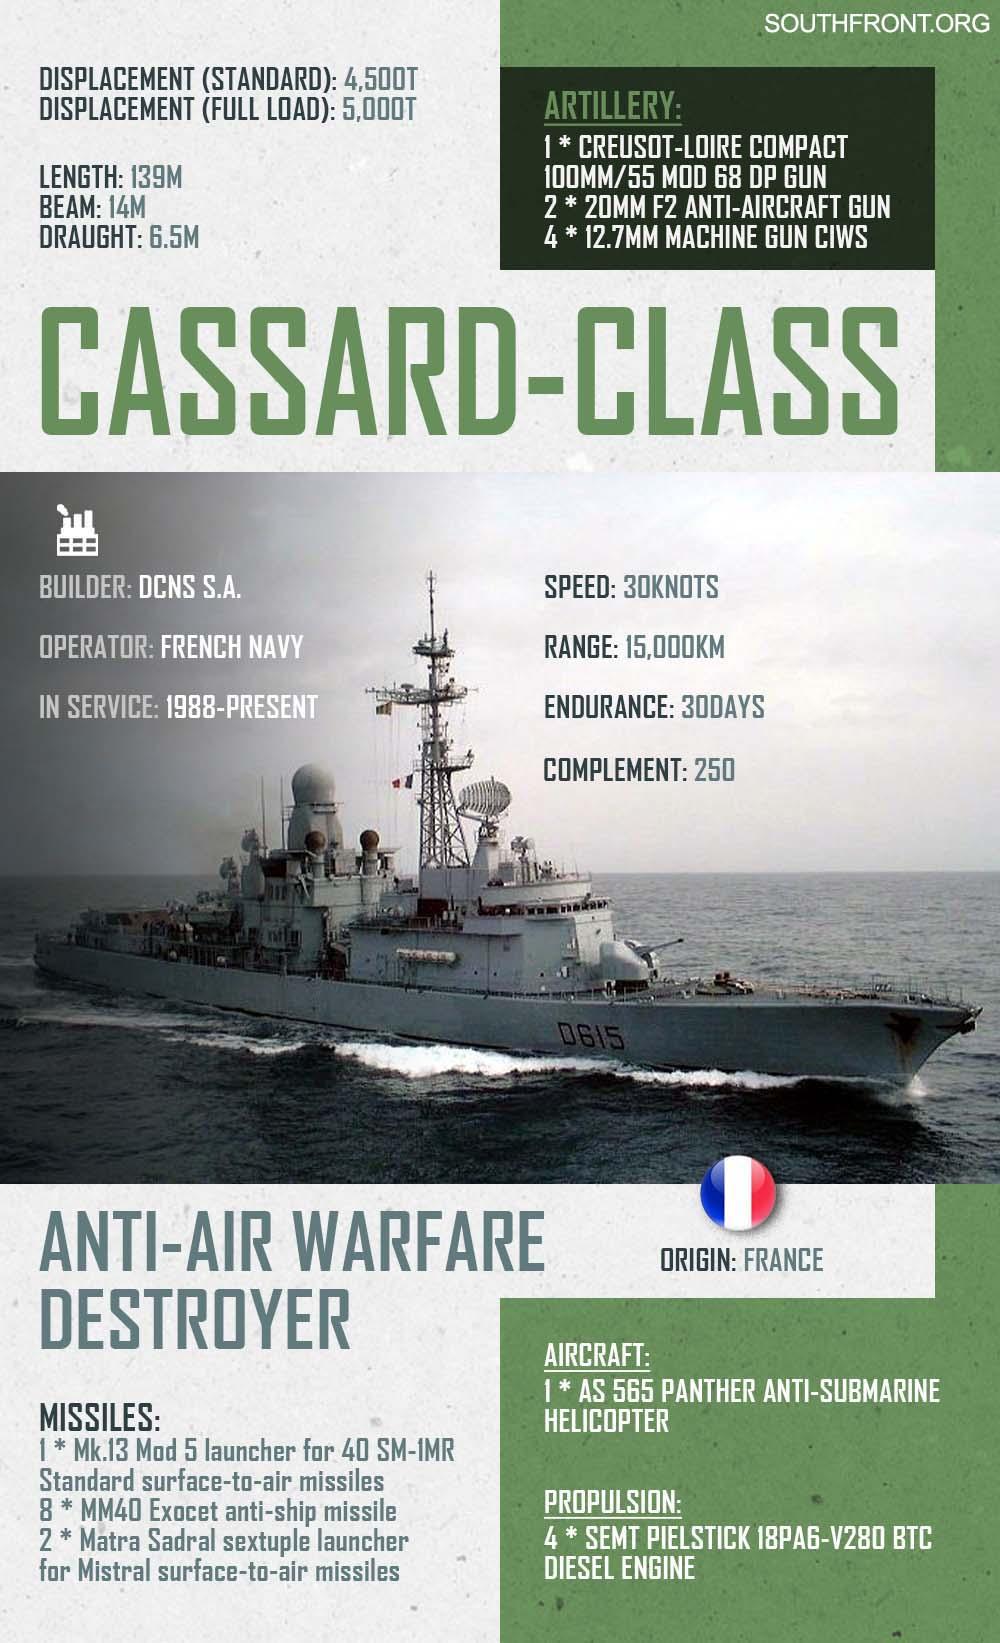 Cassard-class Anti-Air Warfare Destroyer (Infographics)